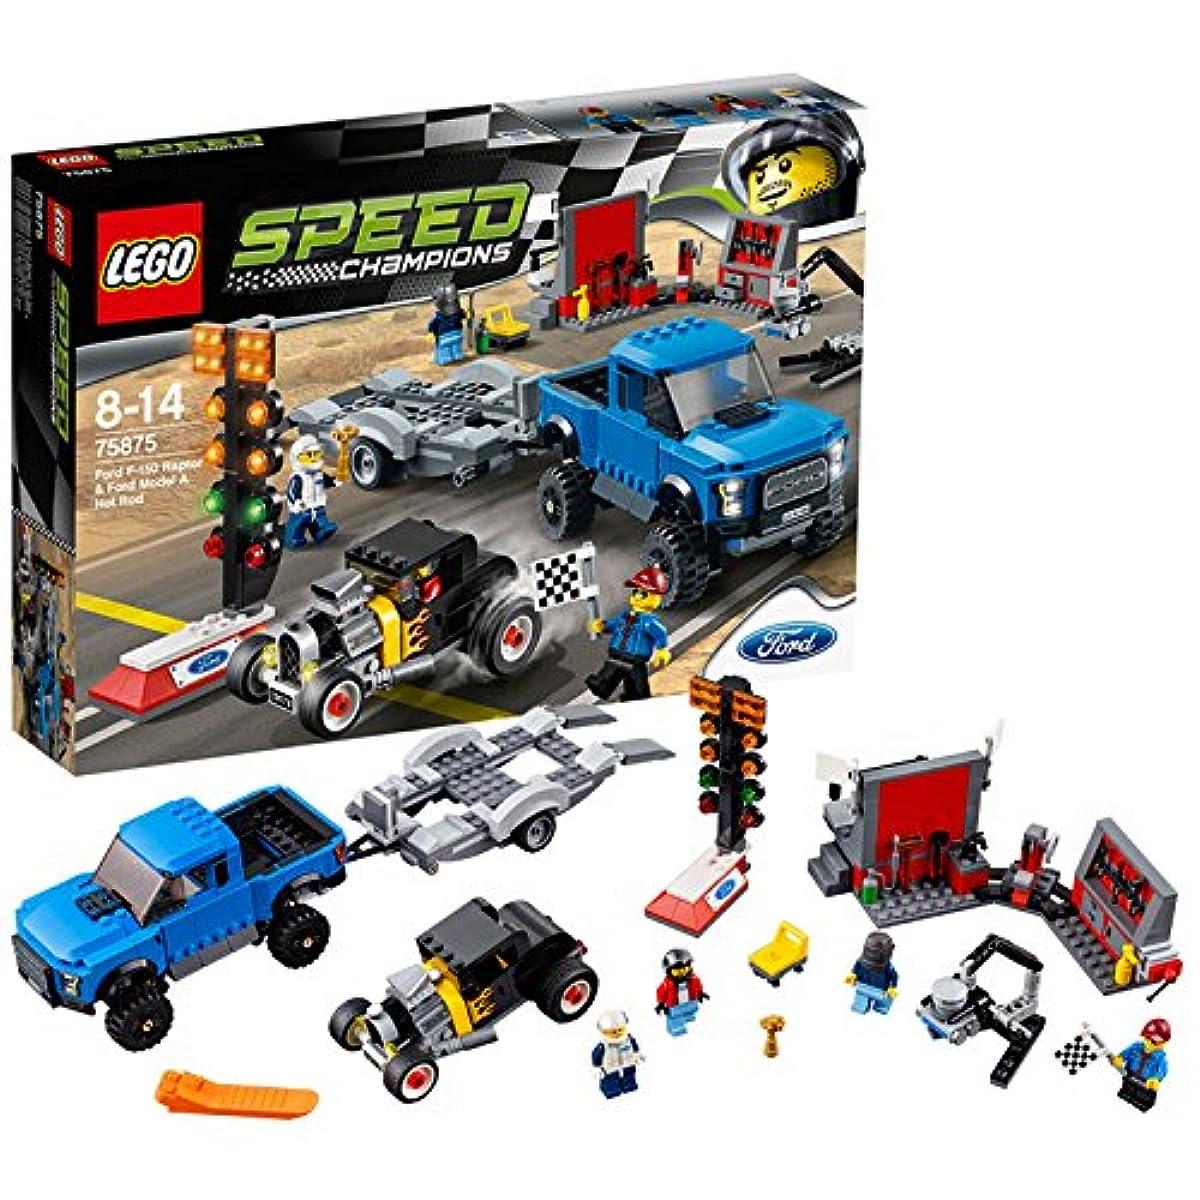 [해외] 레고 (LEGO) 스피드 챔피언 포드 F-150 랩터&포드 모델 A 핫 로드 75875-75875 (2016-03-04)